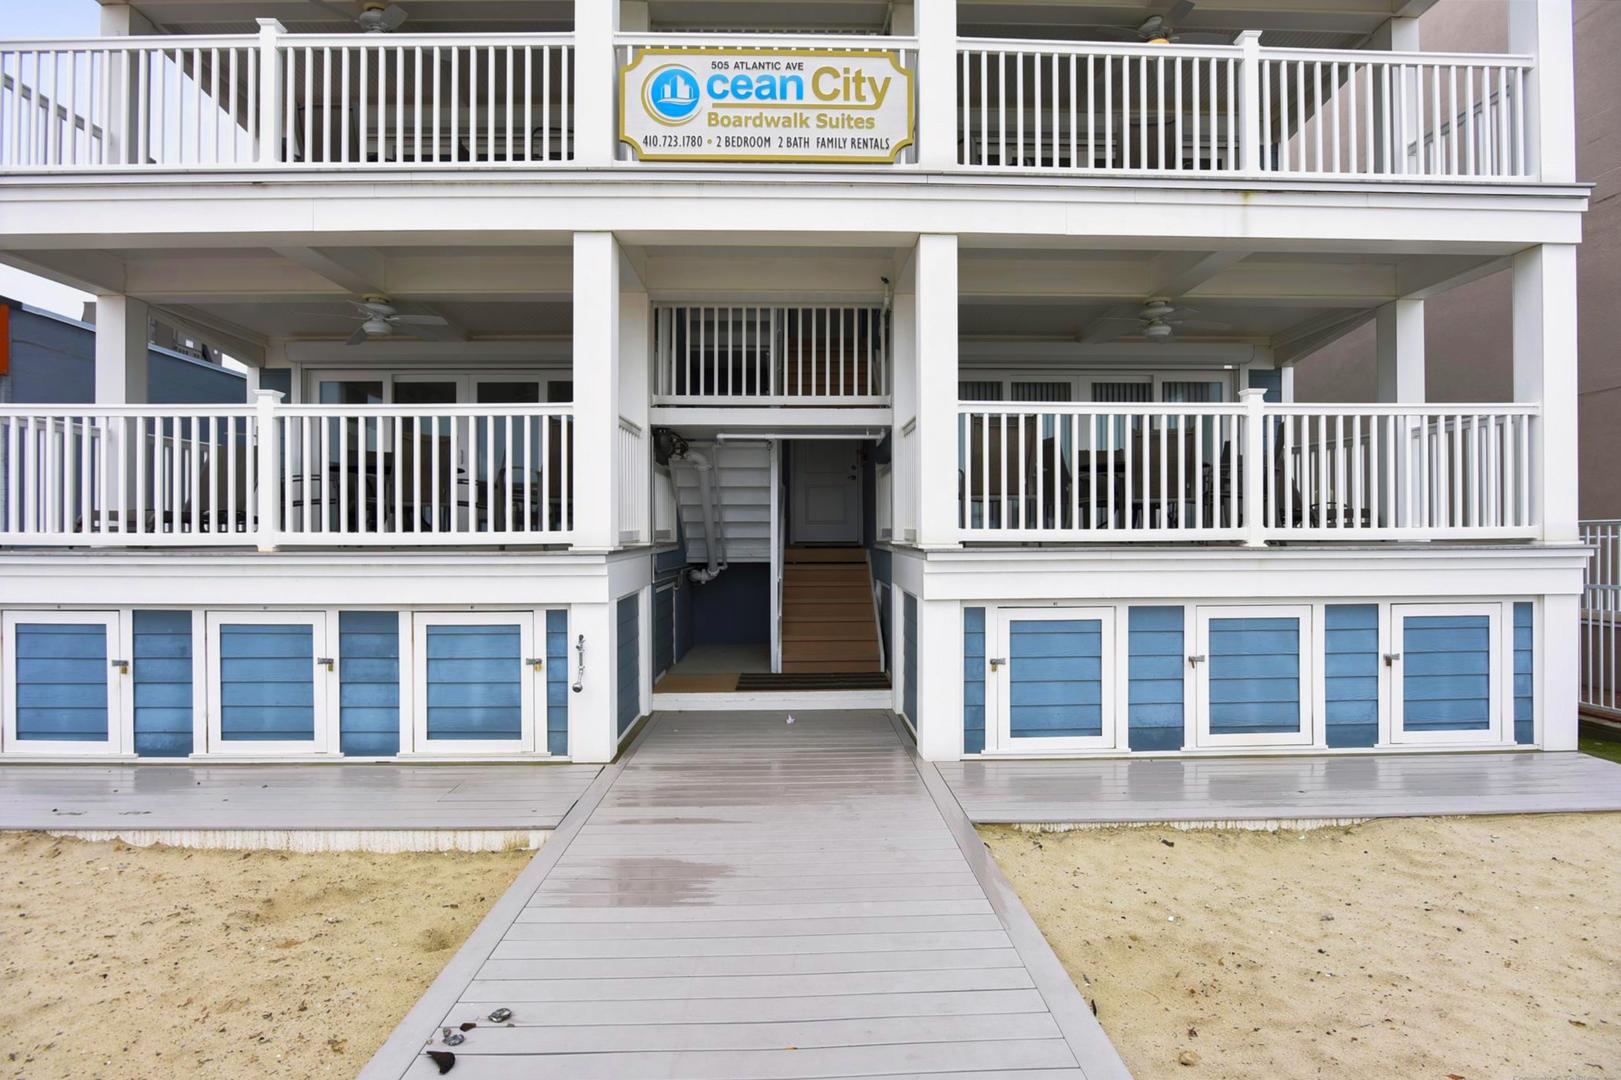 Ocean City Boardwalk Suites N2 - Enclosed Yard with Storage